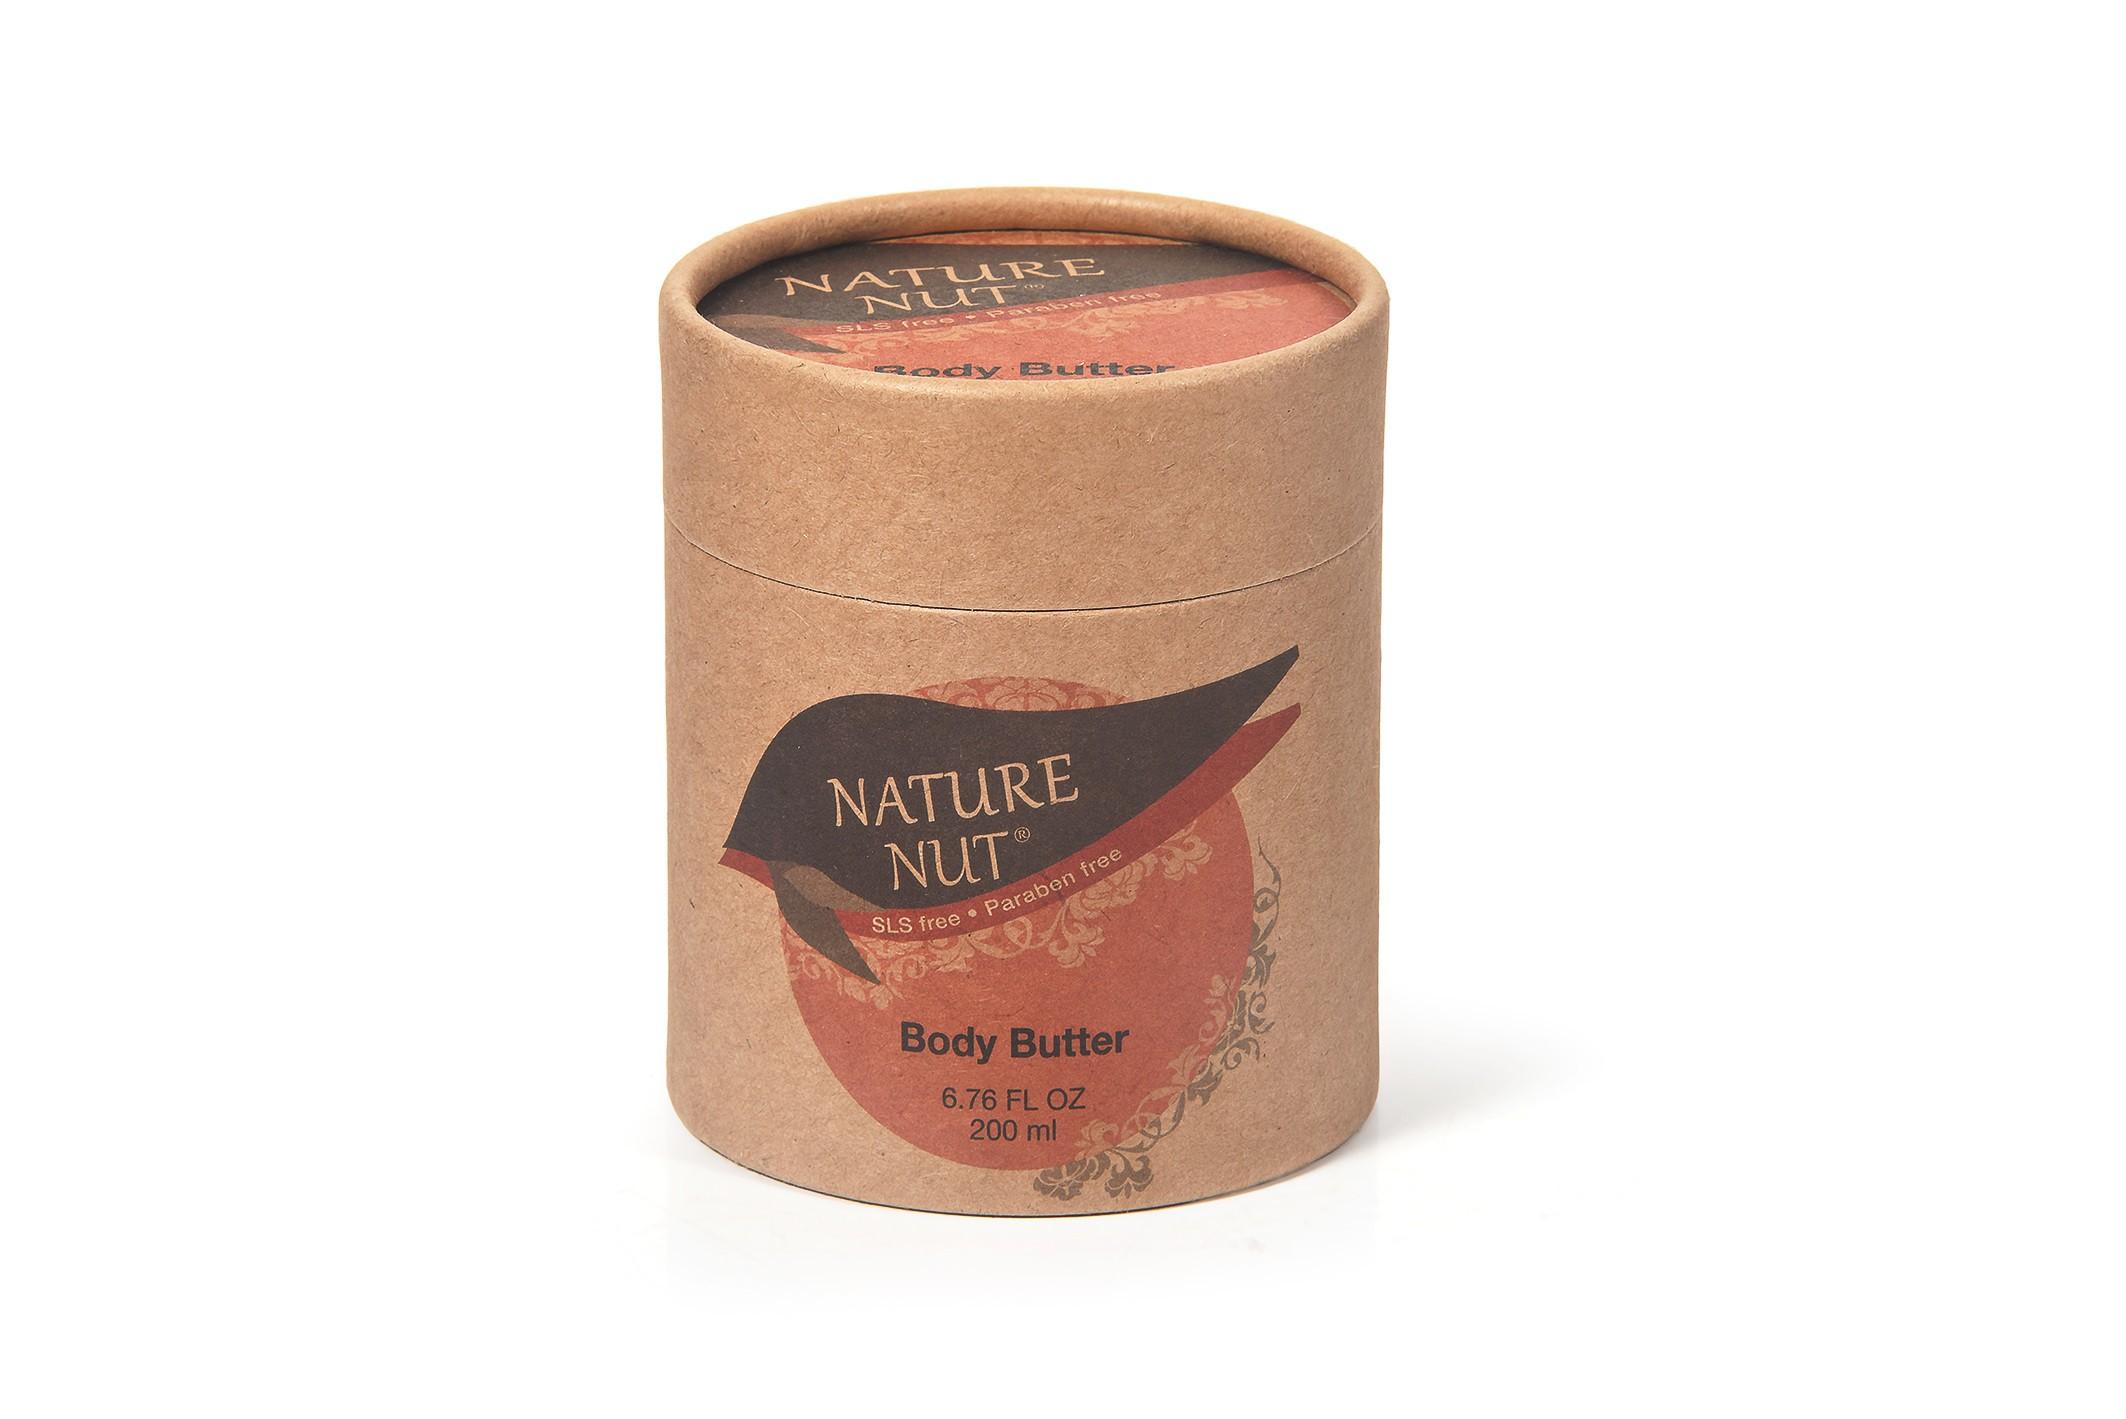 NATURE NUT נייטשר נאט חמאת גוף